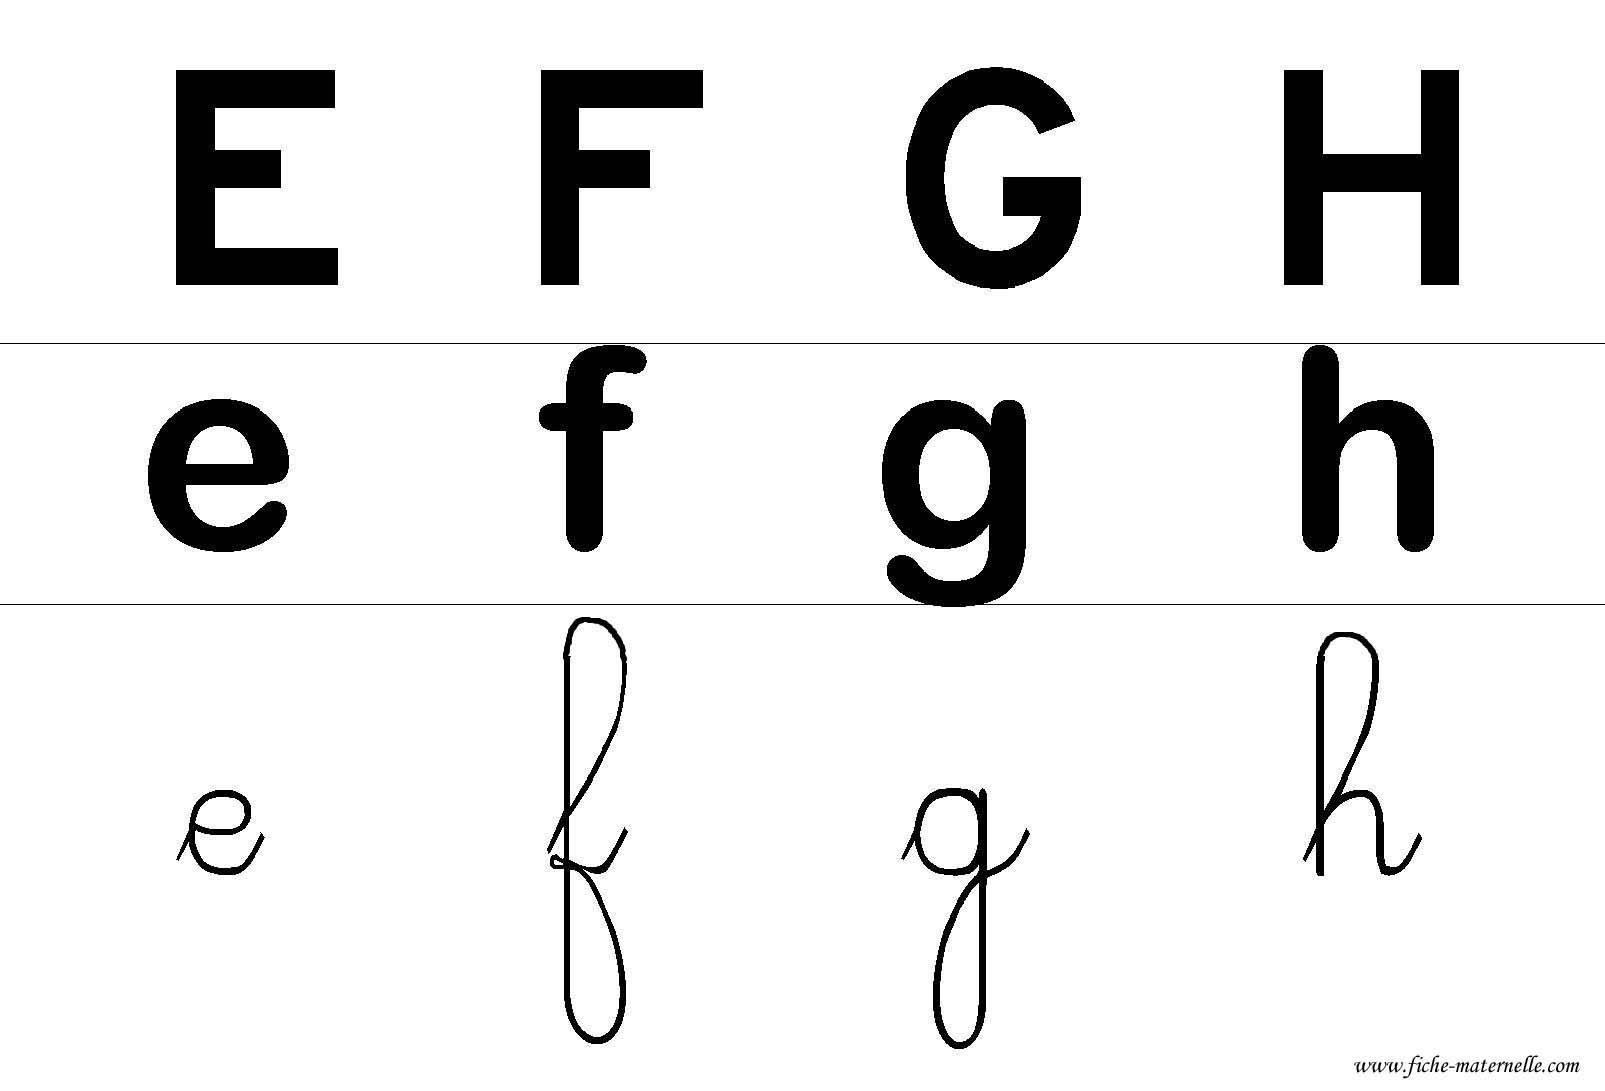 lettres de l alphabet afficher dans la classe efgh